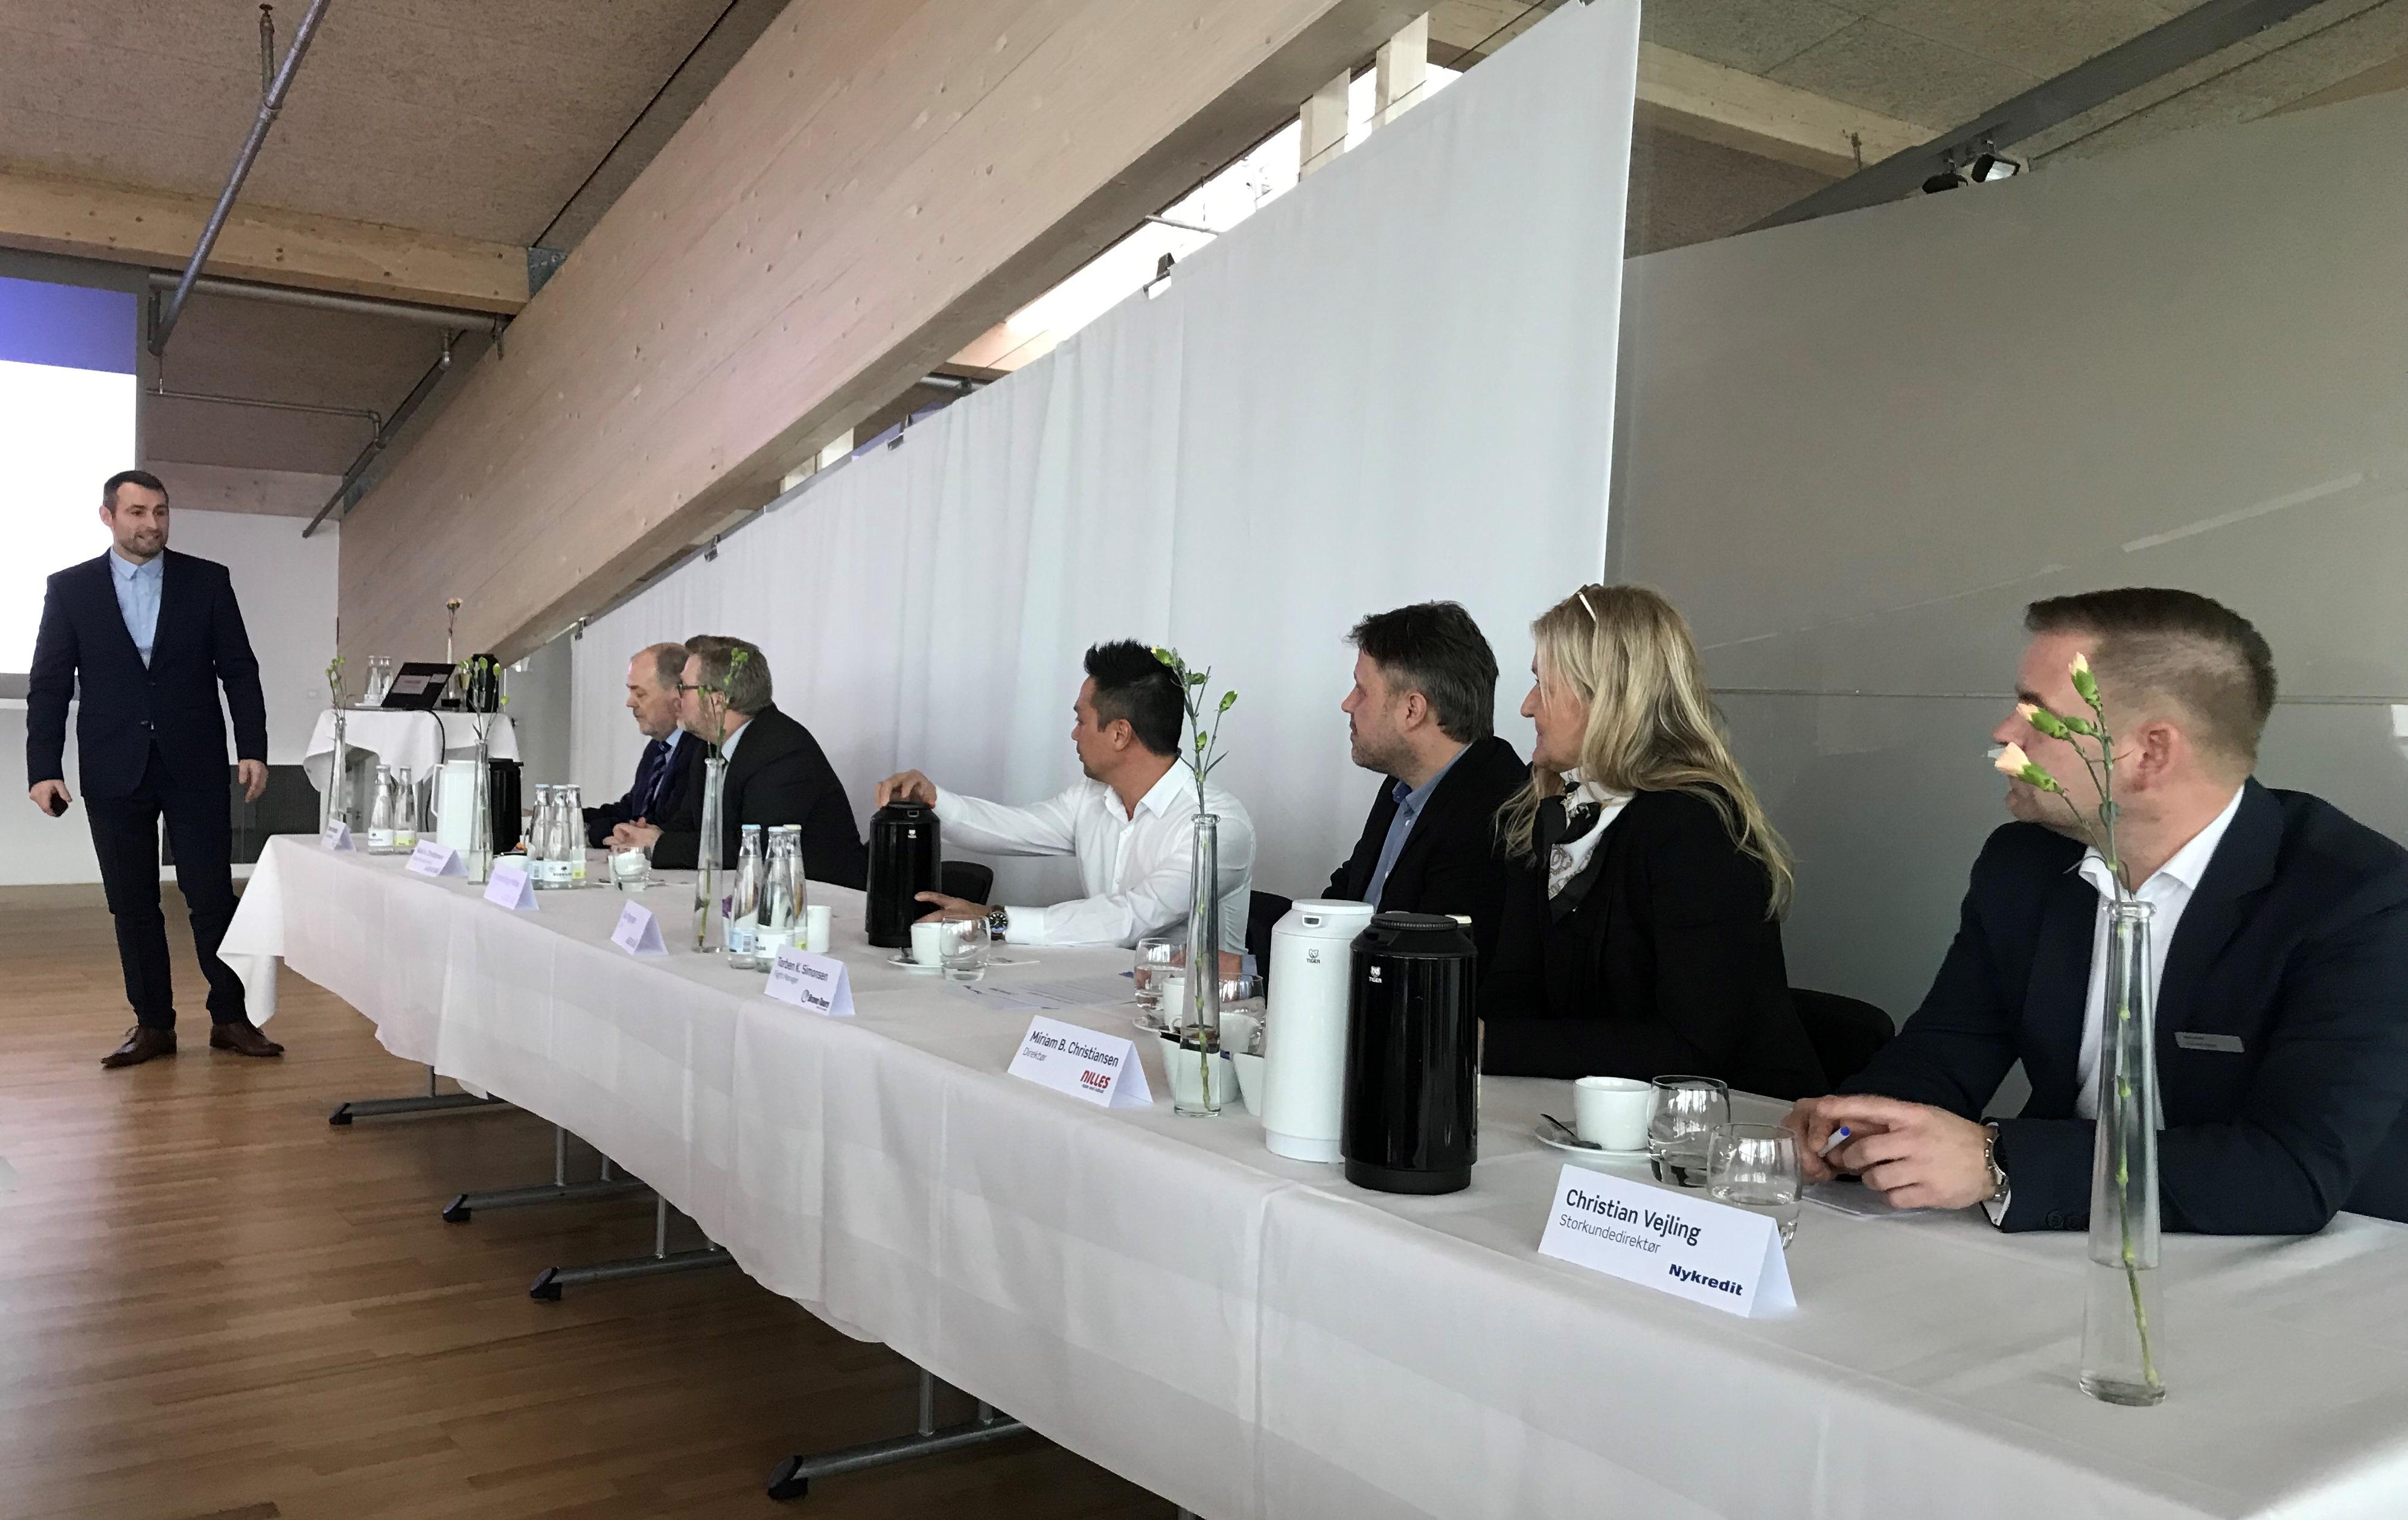 Repræsentanter fra Bravo Tours og Nilles Rejser deltog i pressemødet i Aalborg Lufthavn. (Foto: Ole Kirchert Christensen)